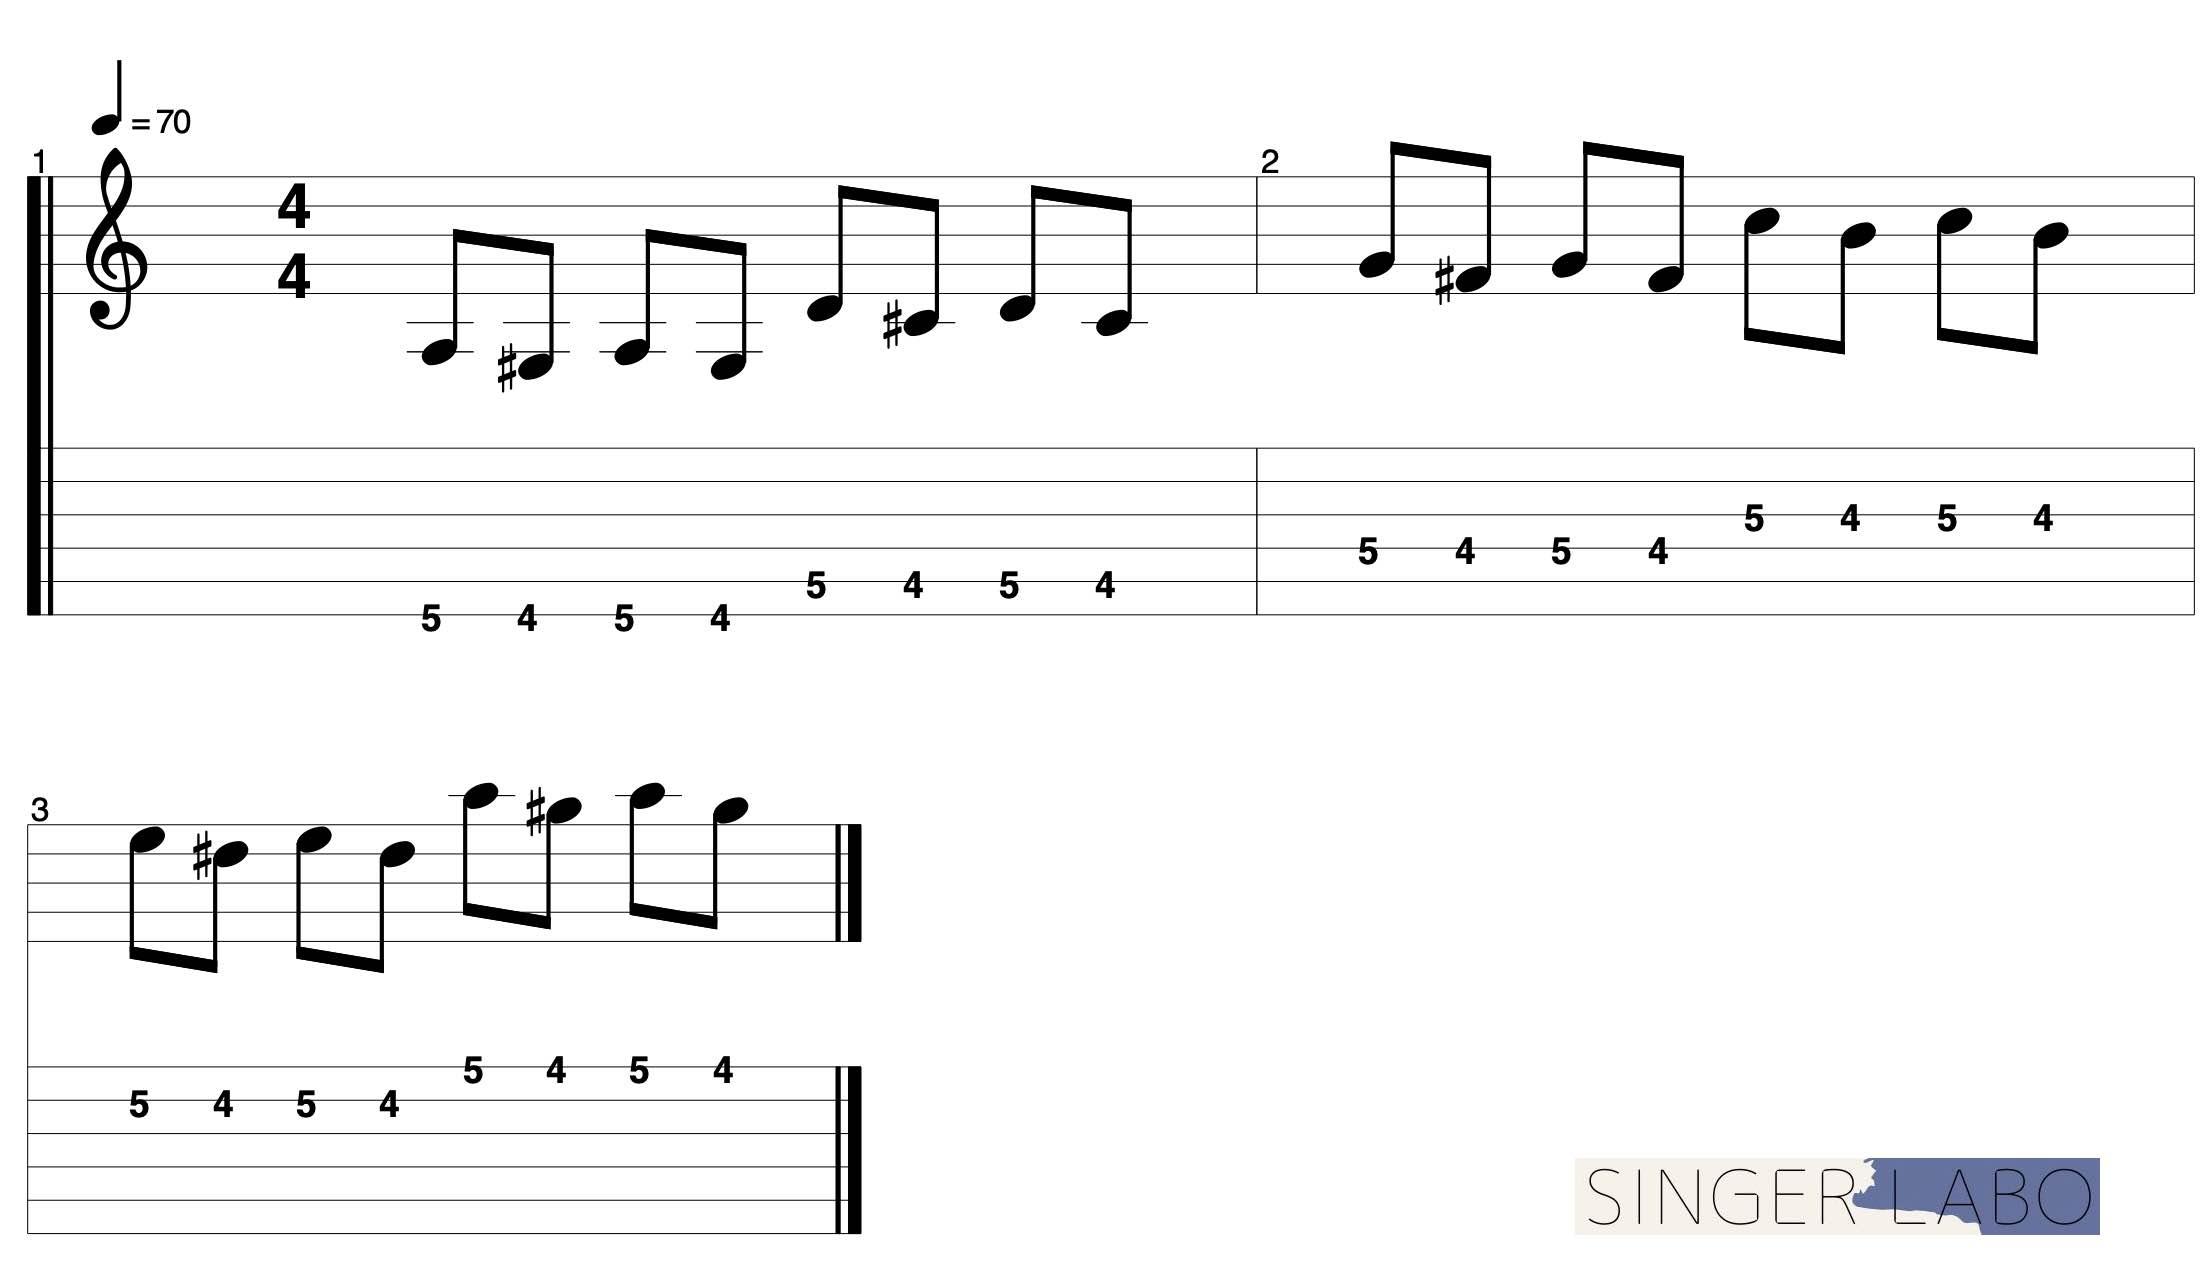 ギターを弾くのに必要な筋肉の鍛え方